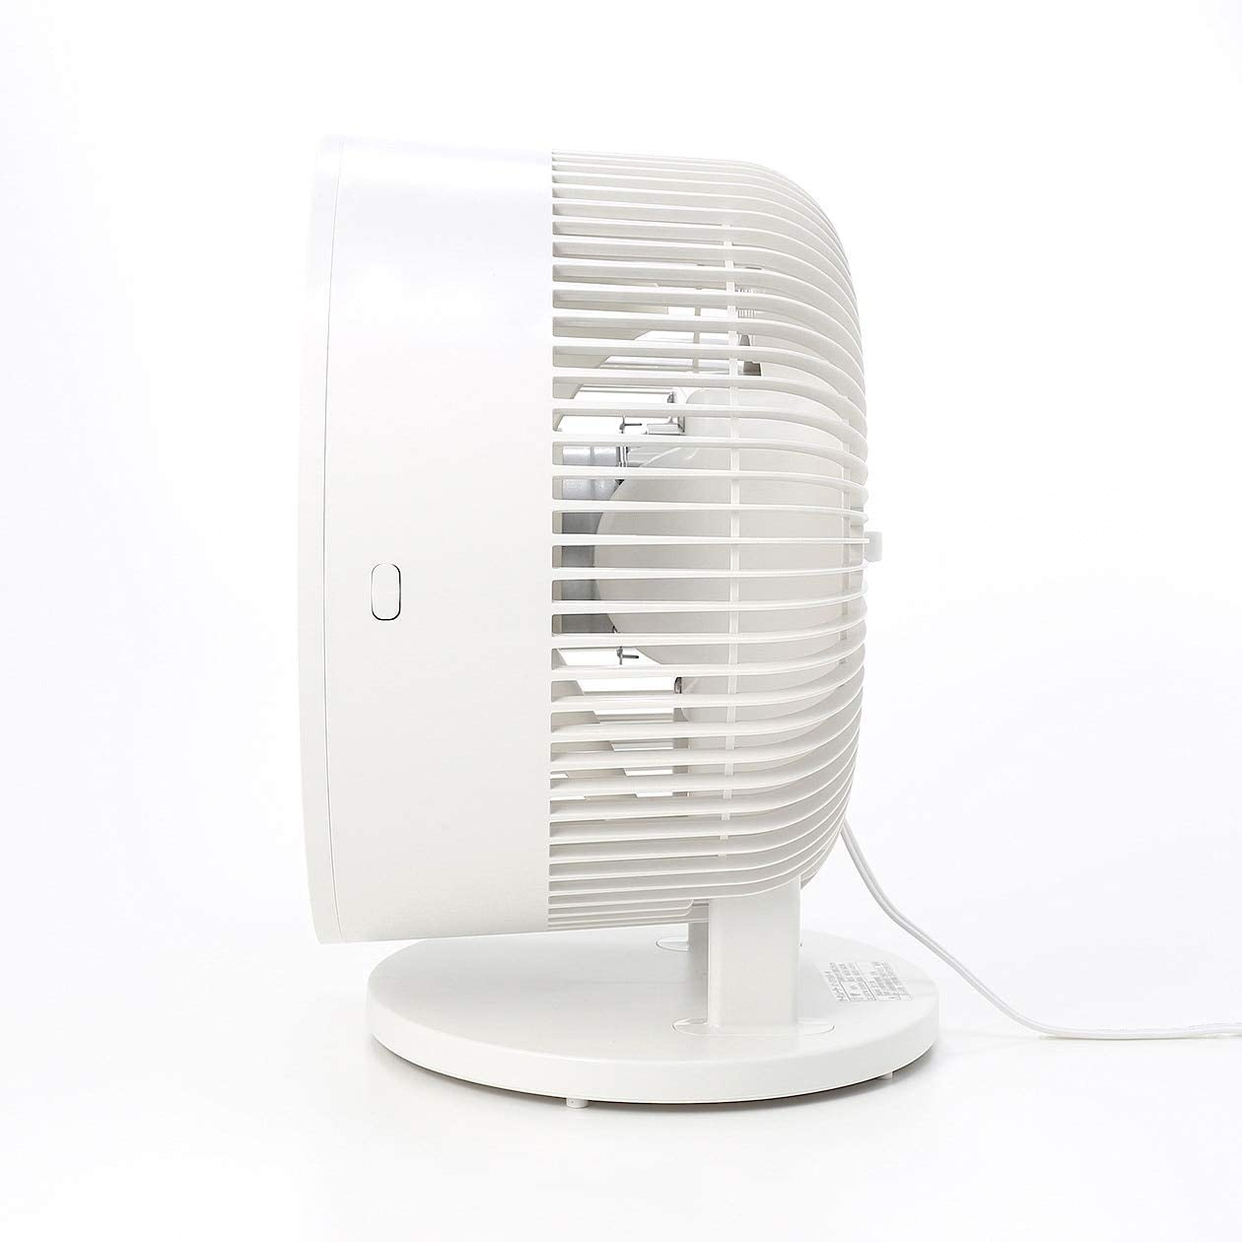 無印良品(MUJI) サーキュレーター(低騒音ファン・大風量タイプ) AT-CF26R-Wの商品画像8